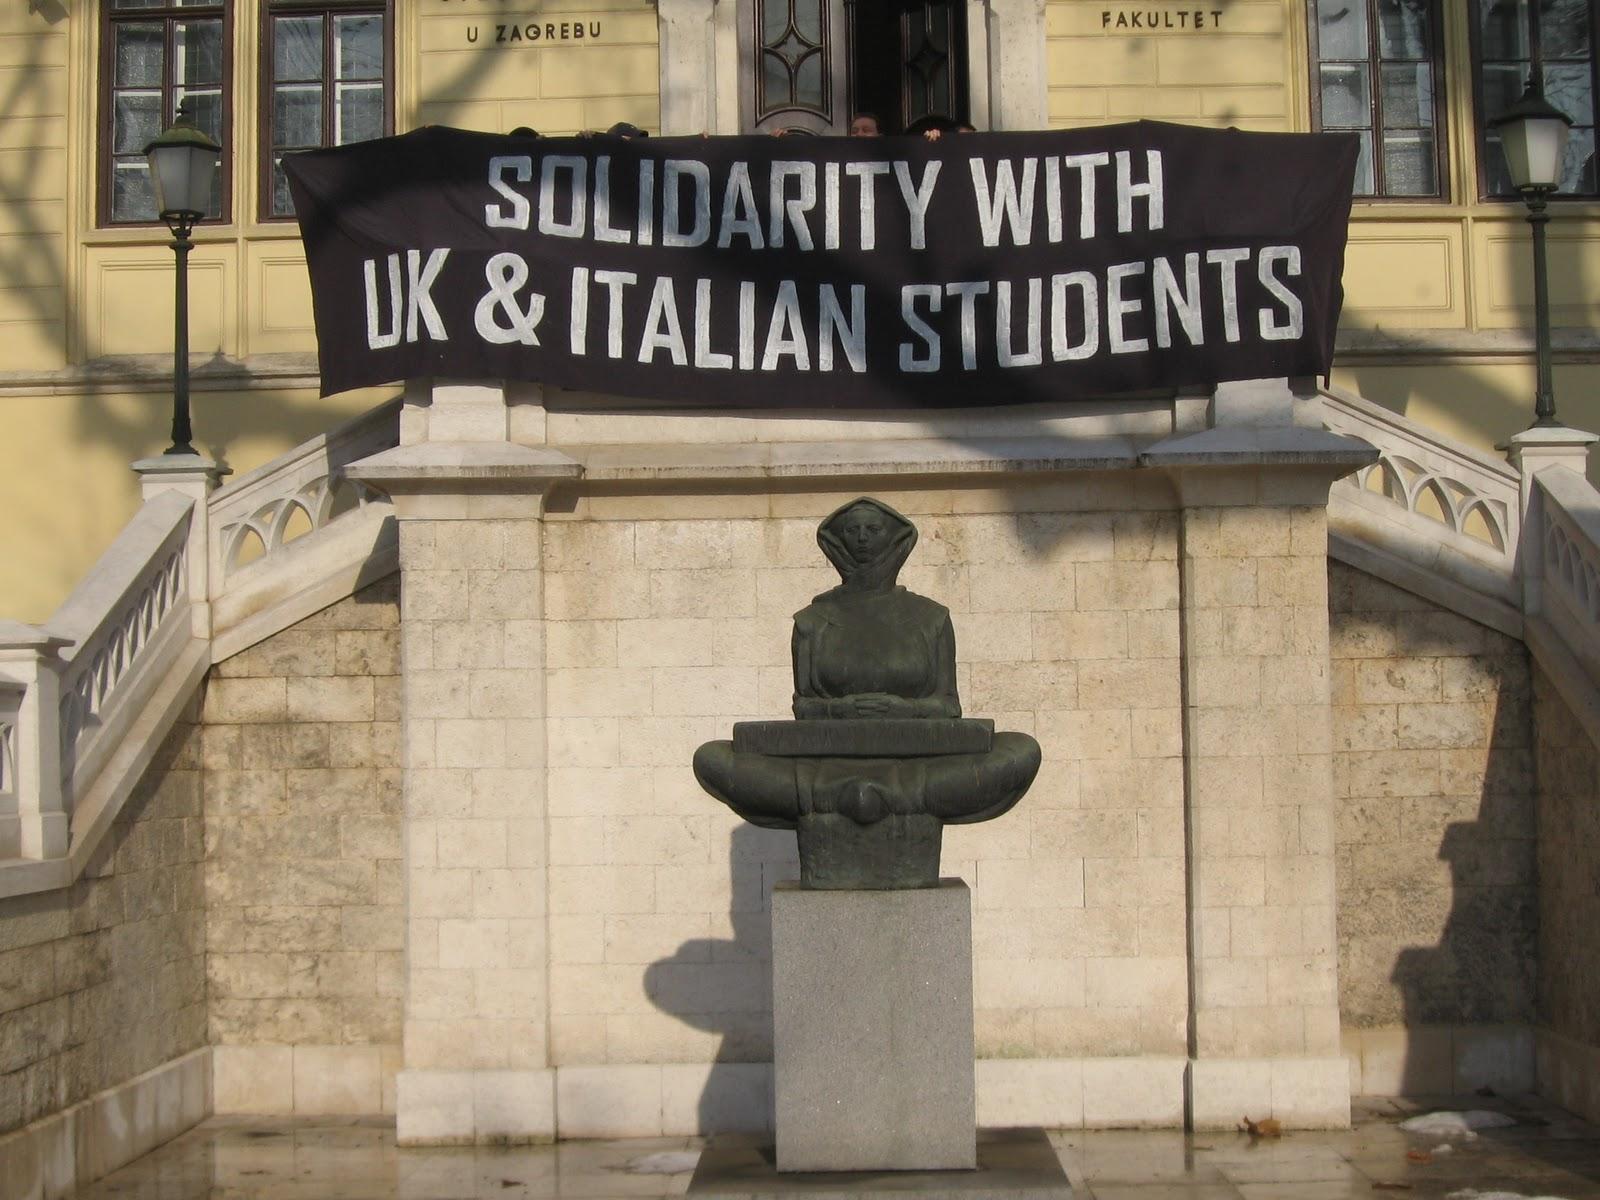 Хърватска: Солидарност с Британските и Италианските студенти